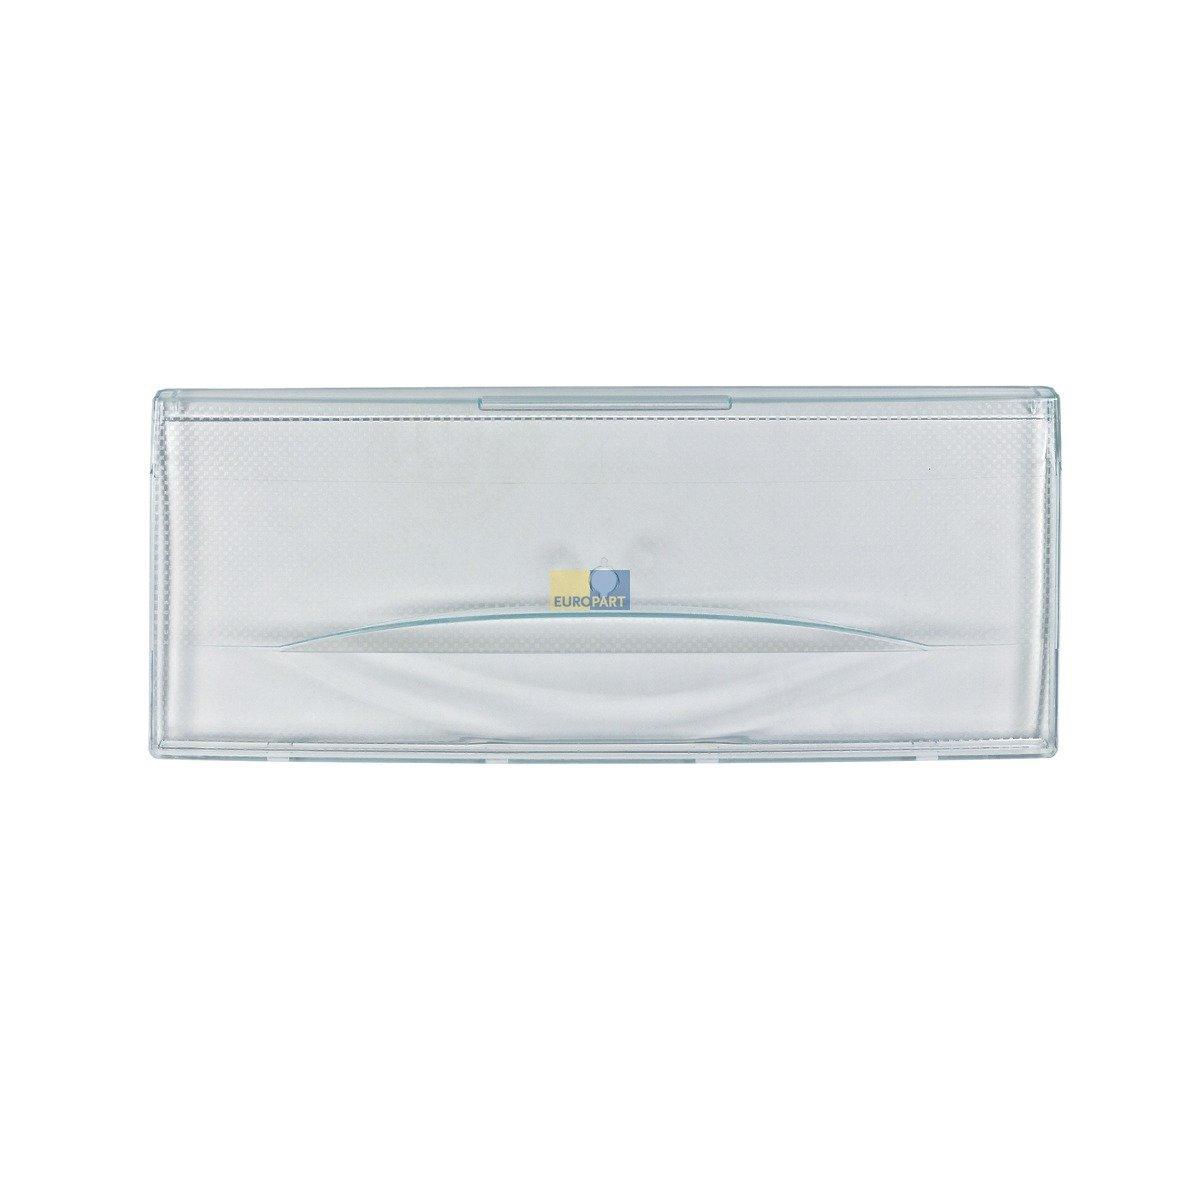 ORIGINAL Schubladenabdeckung Blende vorne 410x180mm Kühlschrank Liebherr 9791154